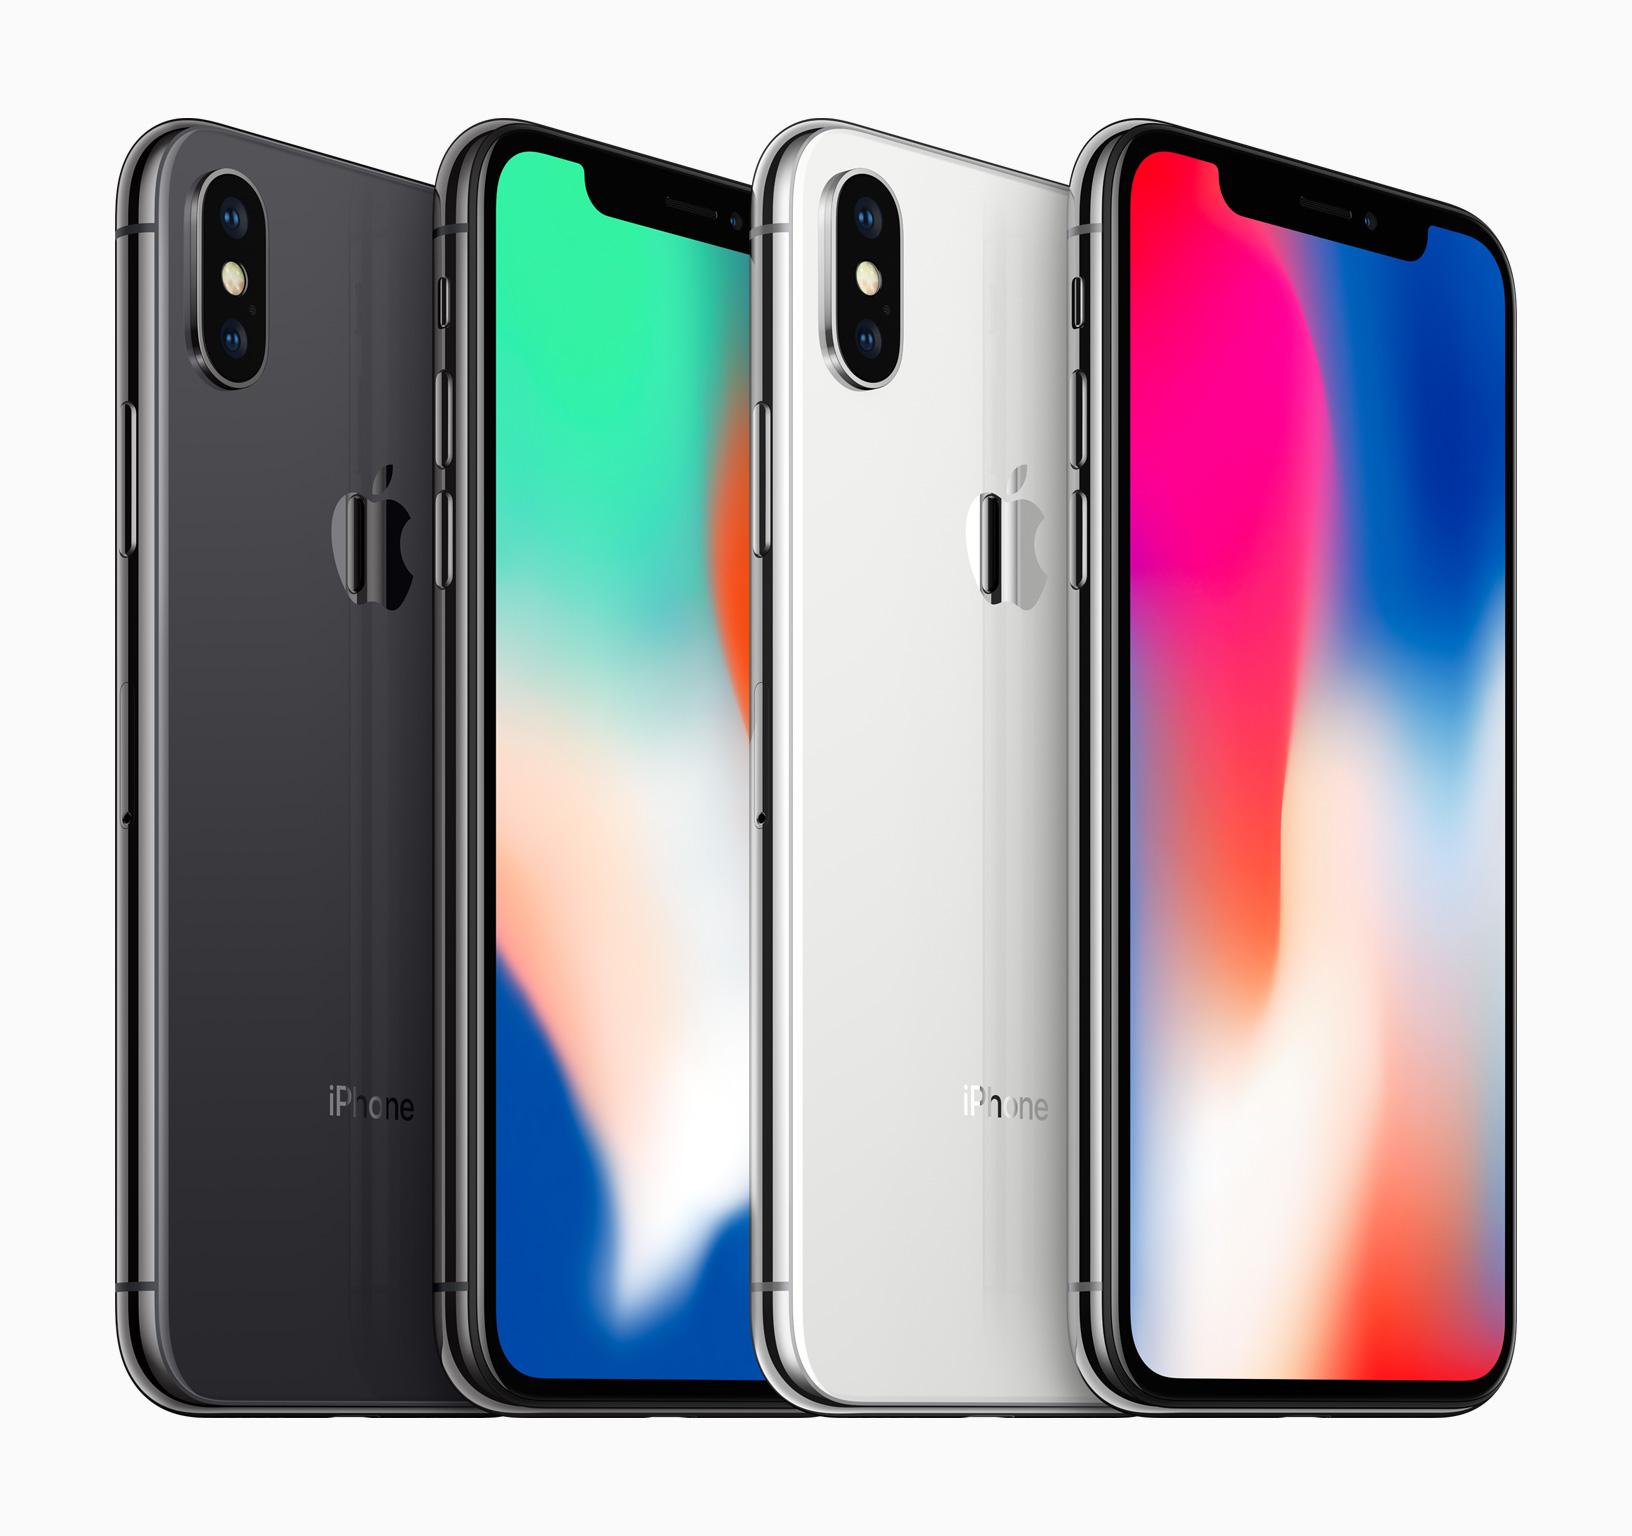 iPhone X, 10월 27일 금요일부터 사전예약 가능